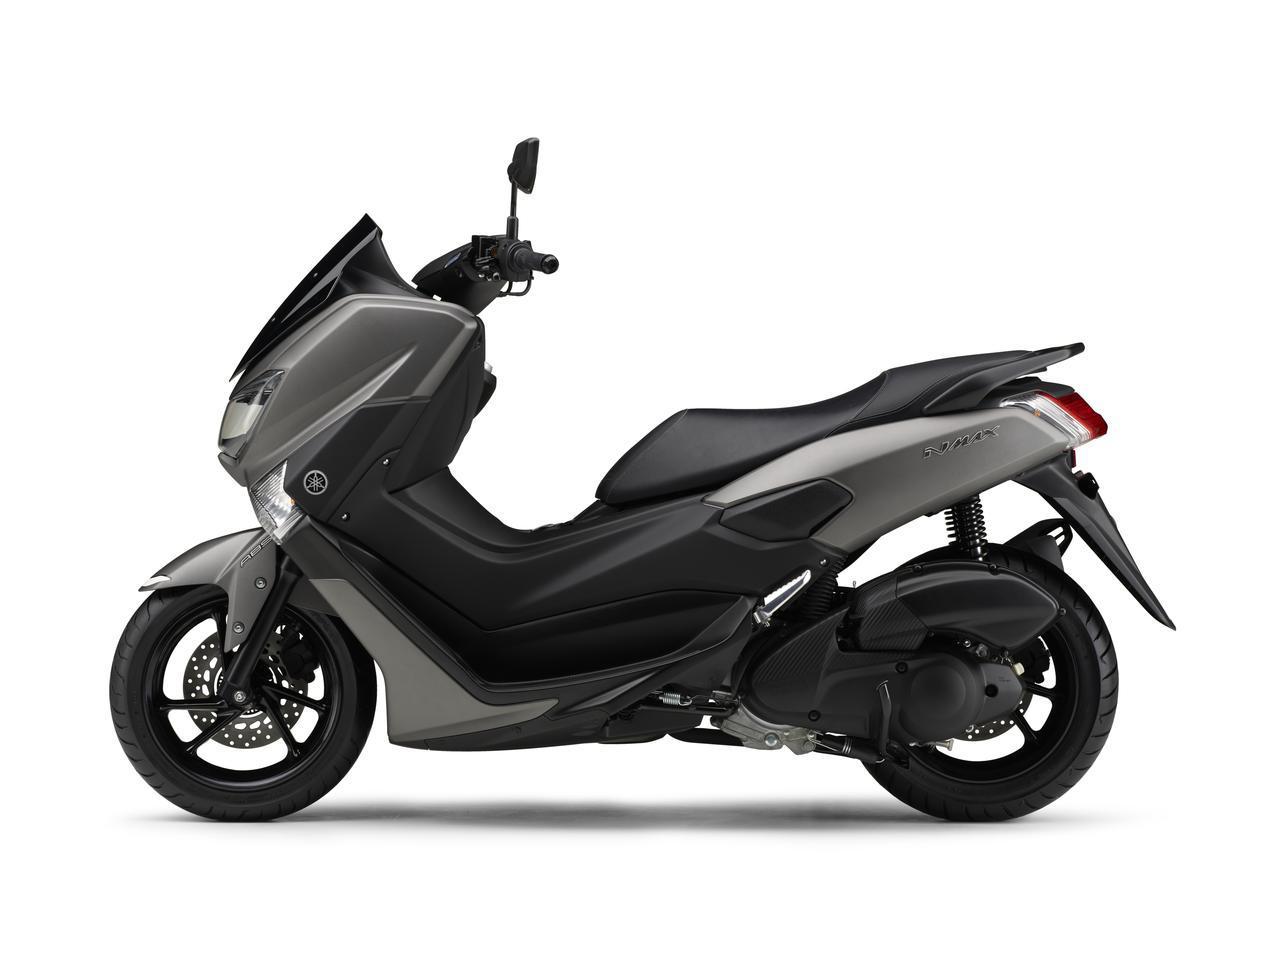 画像12: ヤマハ「NMAX ABS」(2020年)解説&試乗インプレ|YAMAHAで最も高価な125cc二輪スクーターの魅力とは?